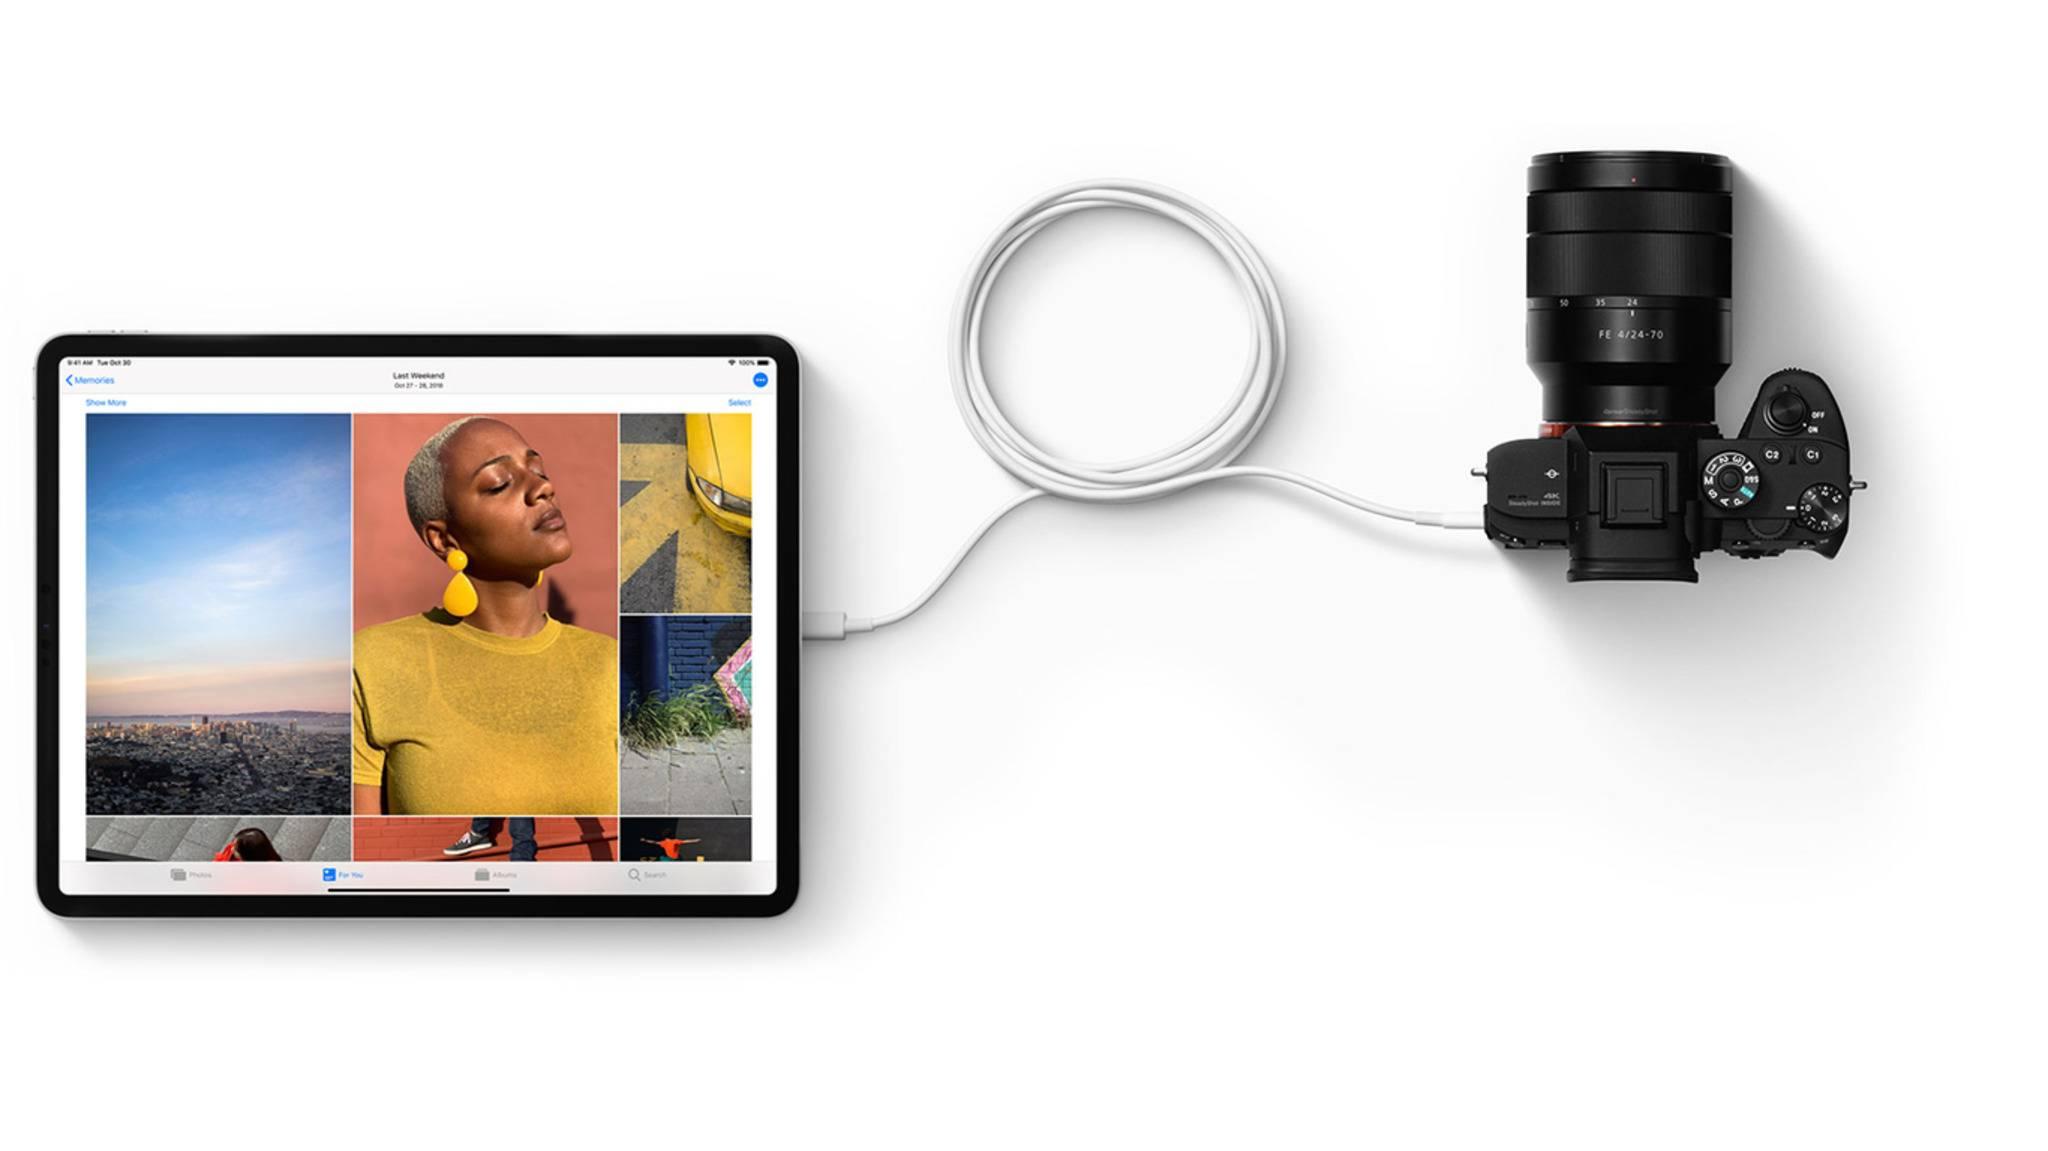 Das iPad Pro (2018) bietet eine USB-C- statt eine Lightning-Verbindung.